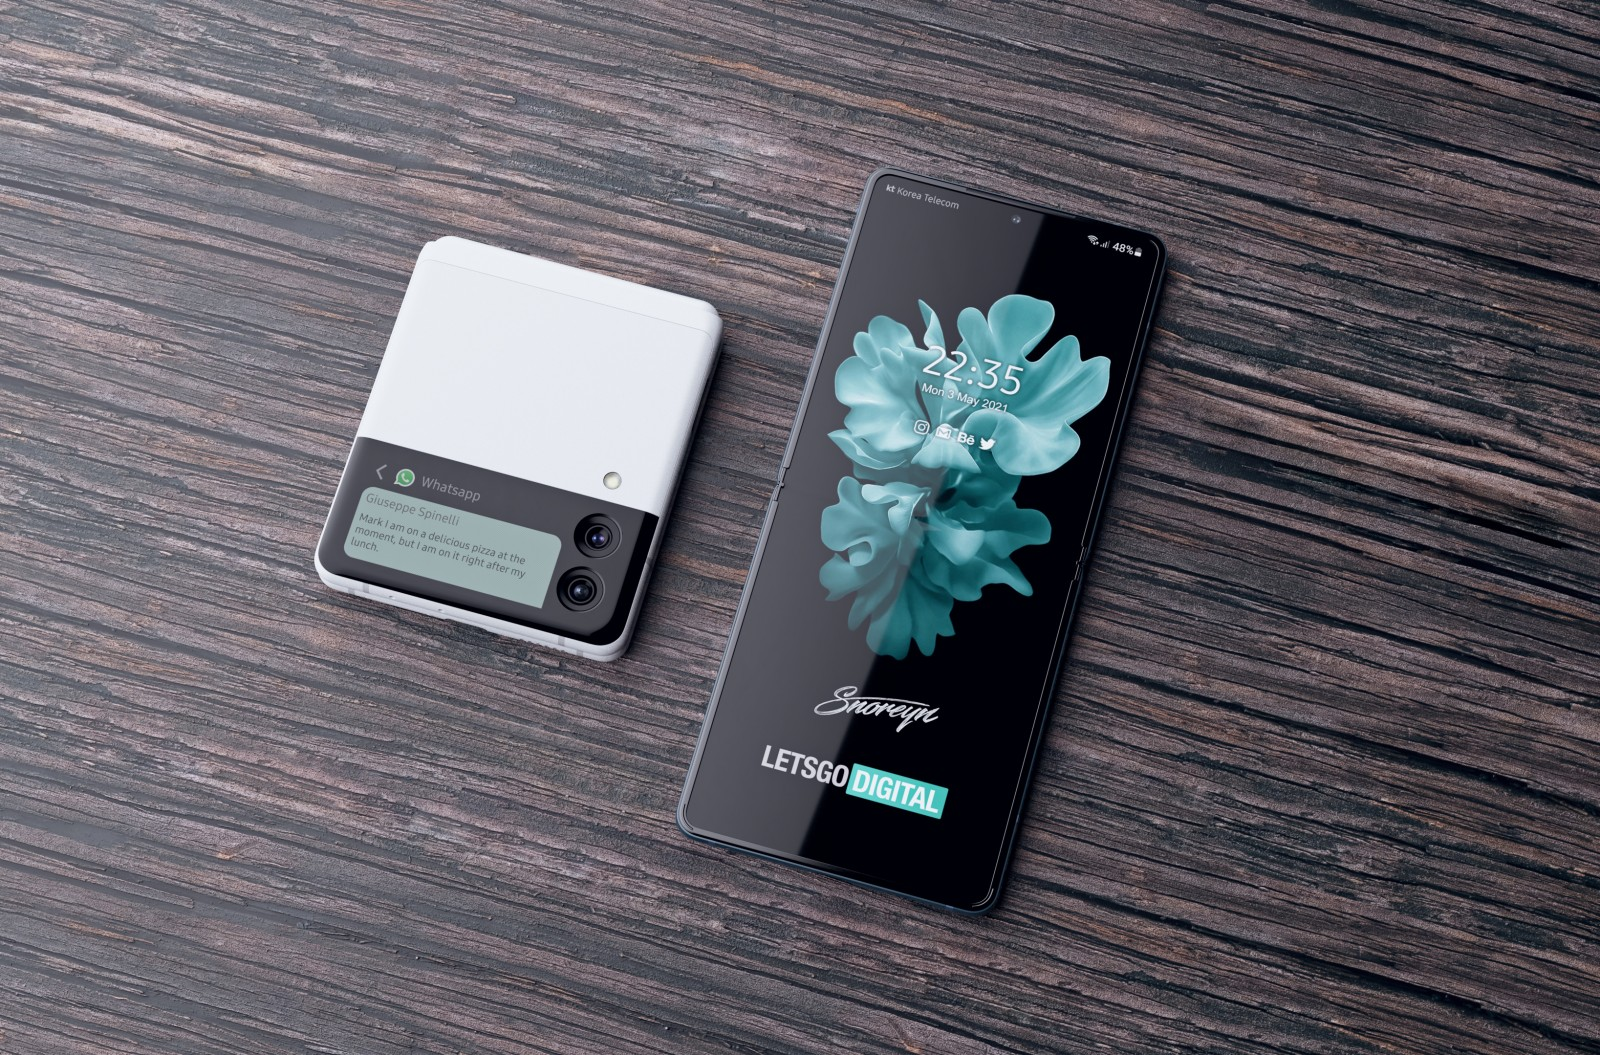 دو گوشی گلکسی زد فولد 3 و زد فلیپ 3 بهزودی در اختیار اپراتورها قرار خواهند گرفت 3